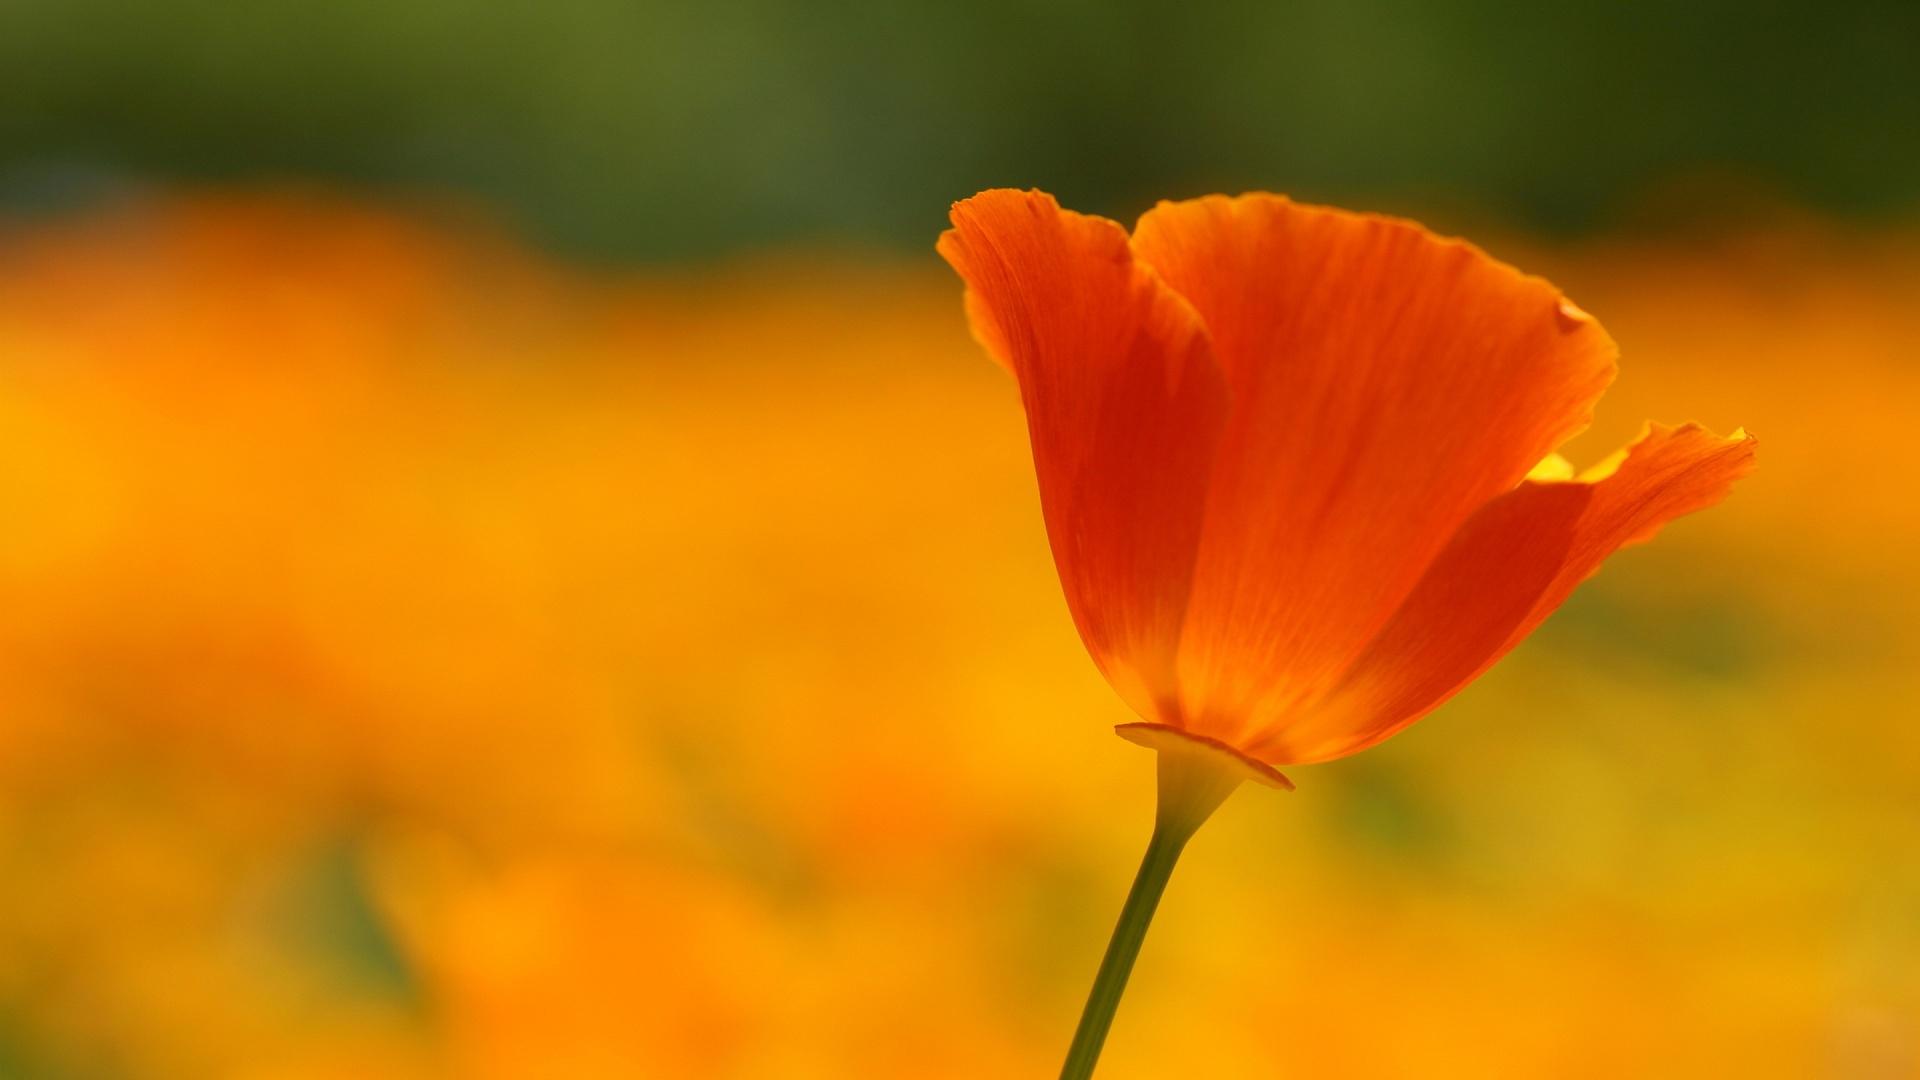 Poppy Flower 24018 1920x1080px